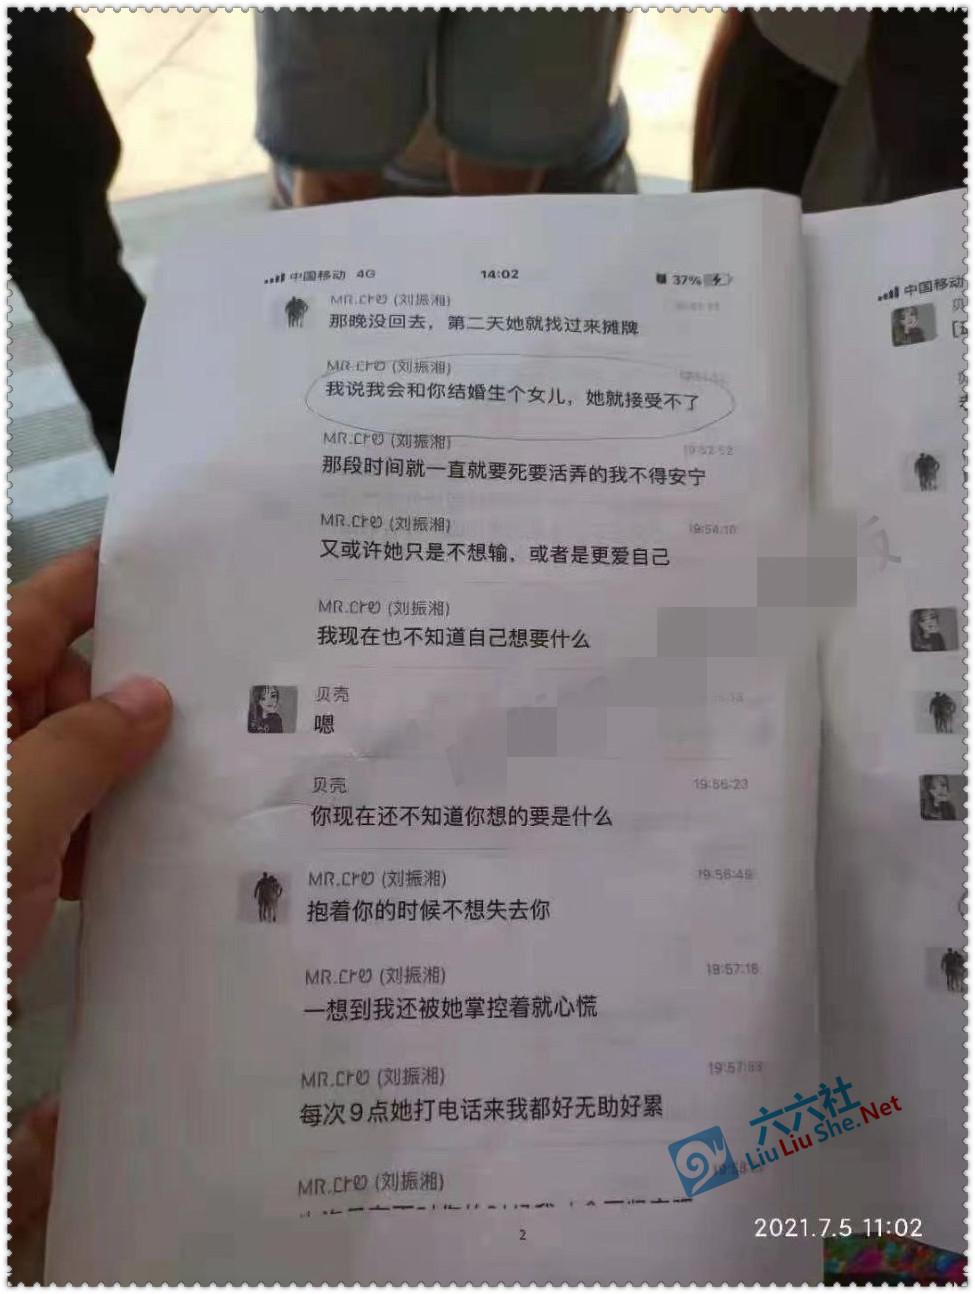 永州农商银行瓜 是怎么回事?附:刘某湘与柜员蒋某的暧昧聊天记录 吃瓜基地 第11张